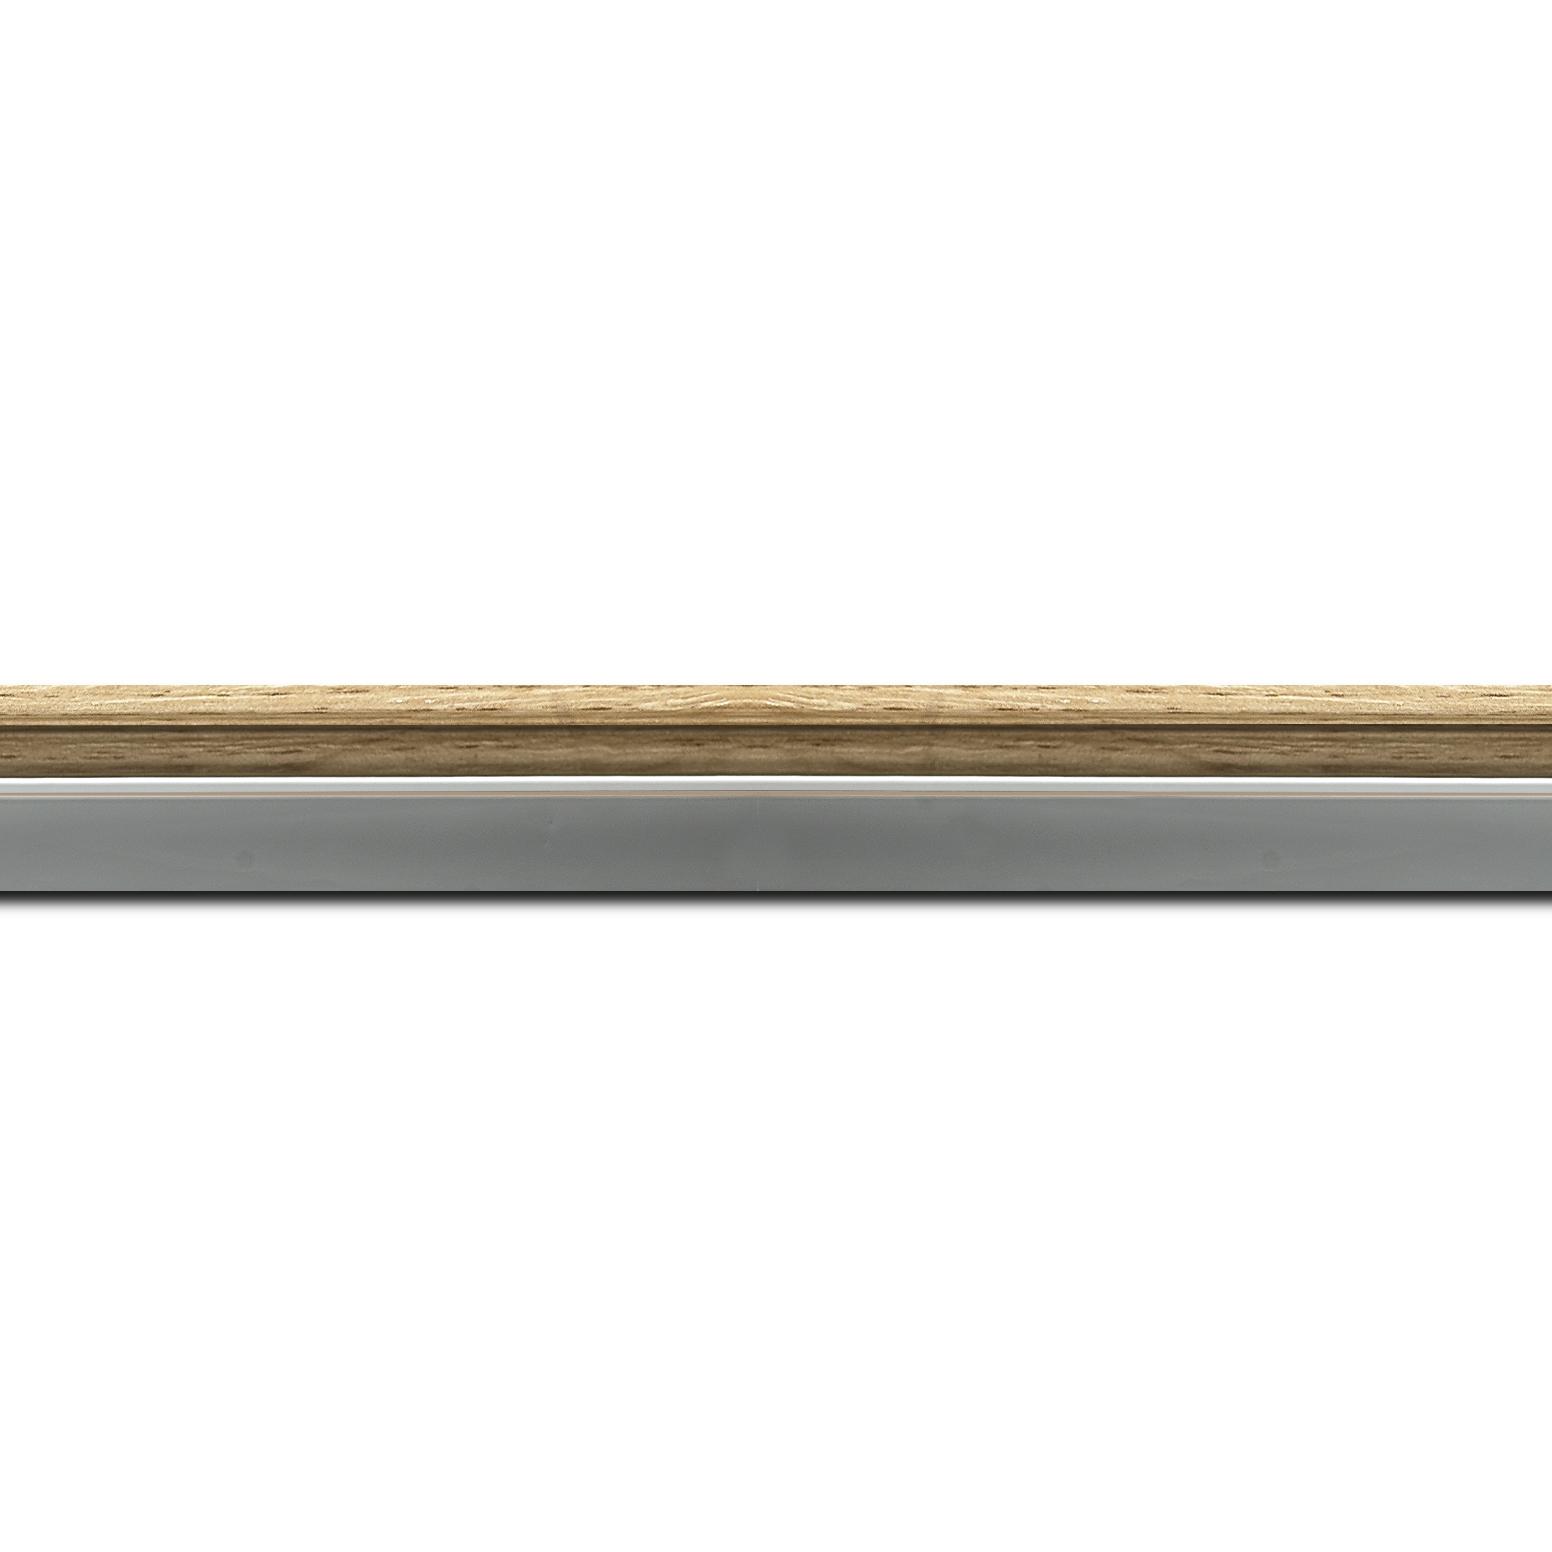 Baguette longueur 1.40m bois profil plat largeur 2.4cm  argent chromé décor chêne naturel extérieur